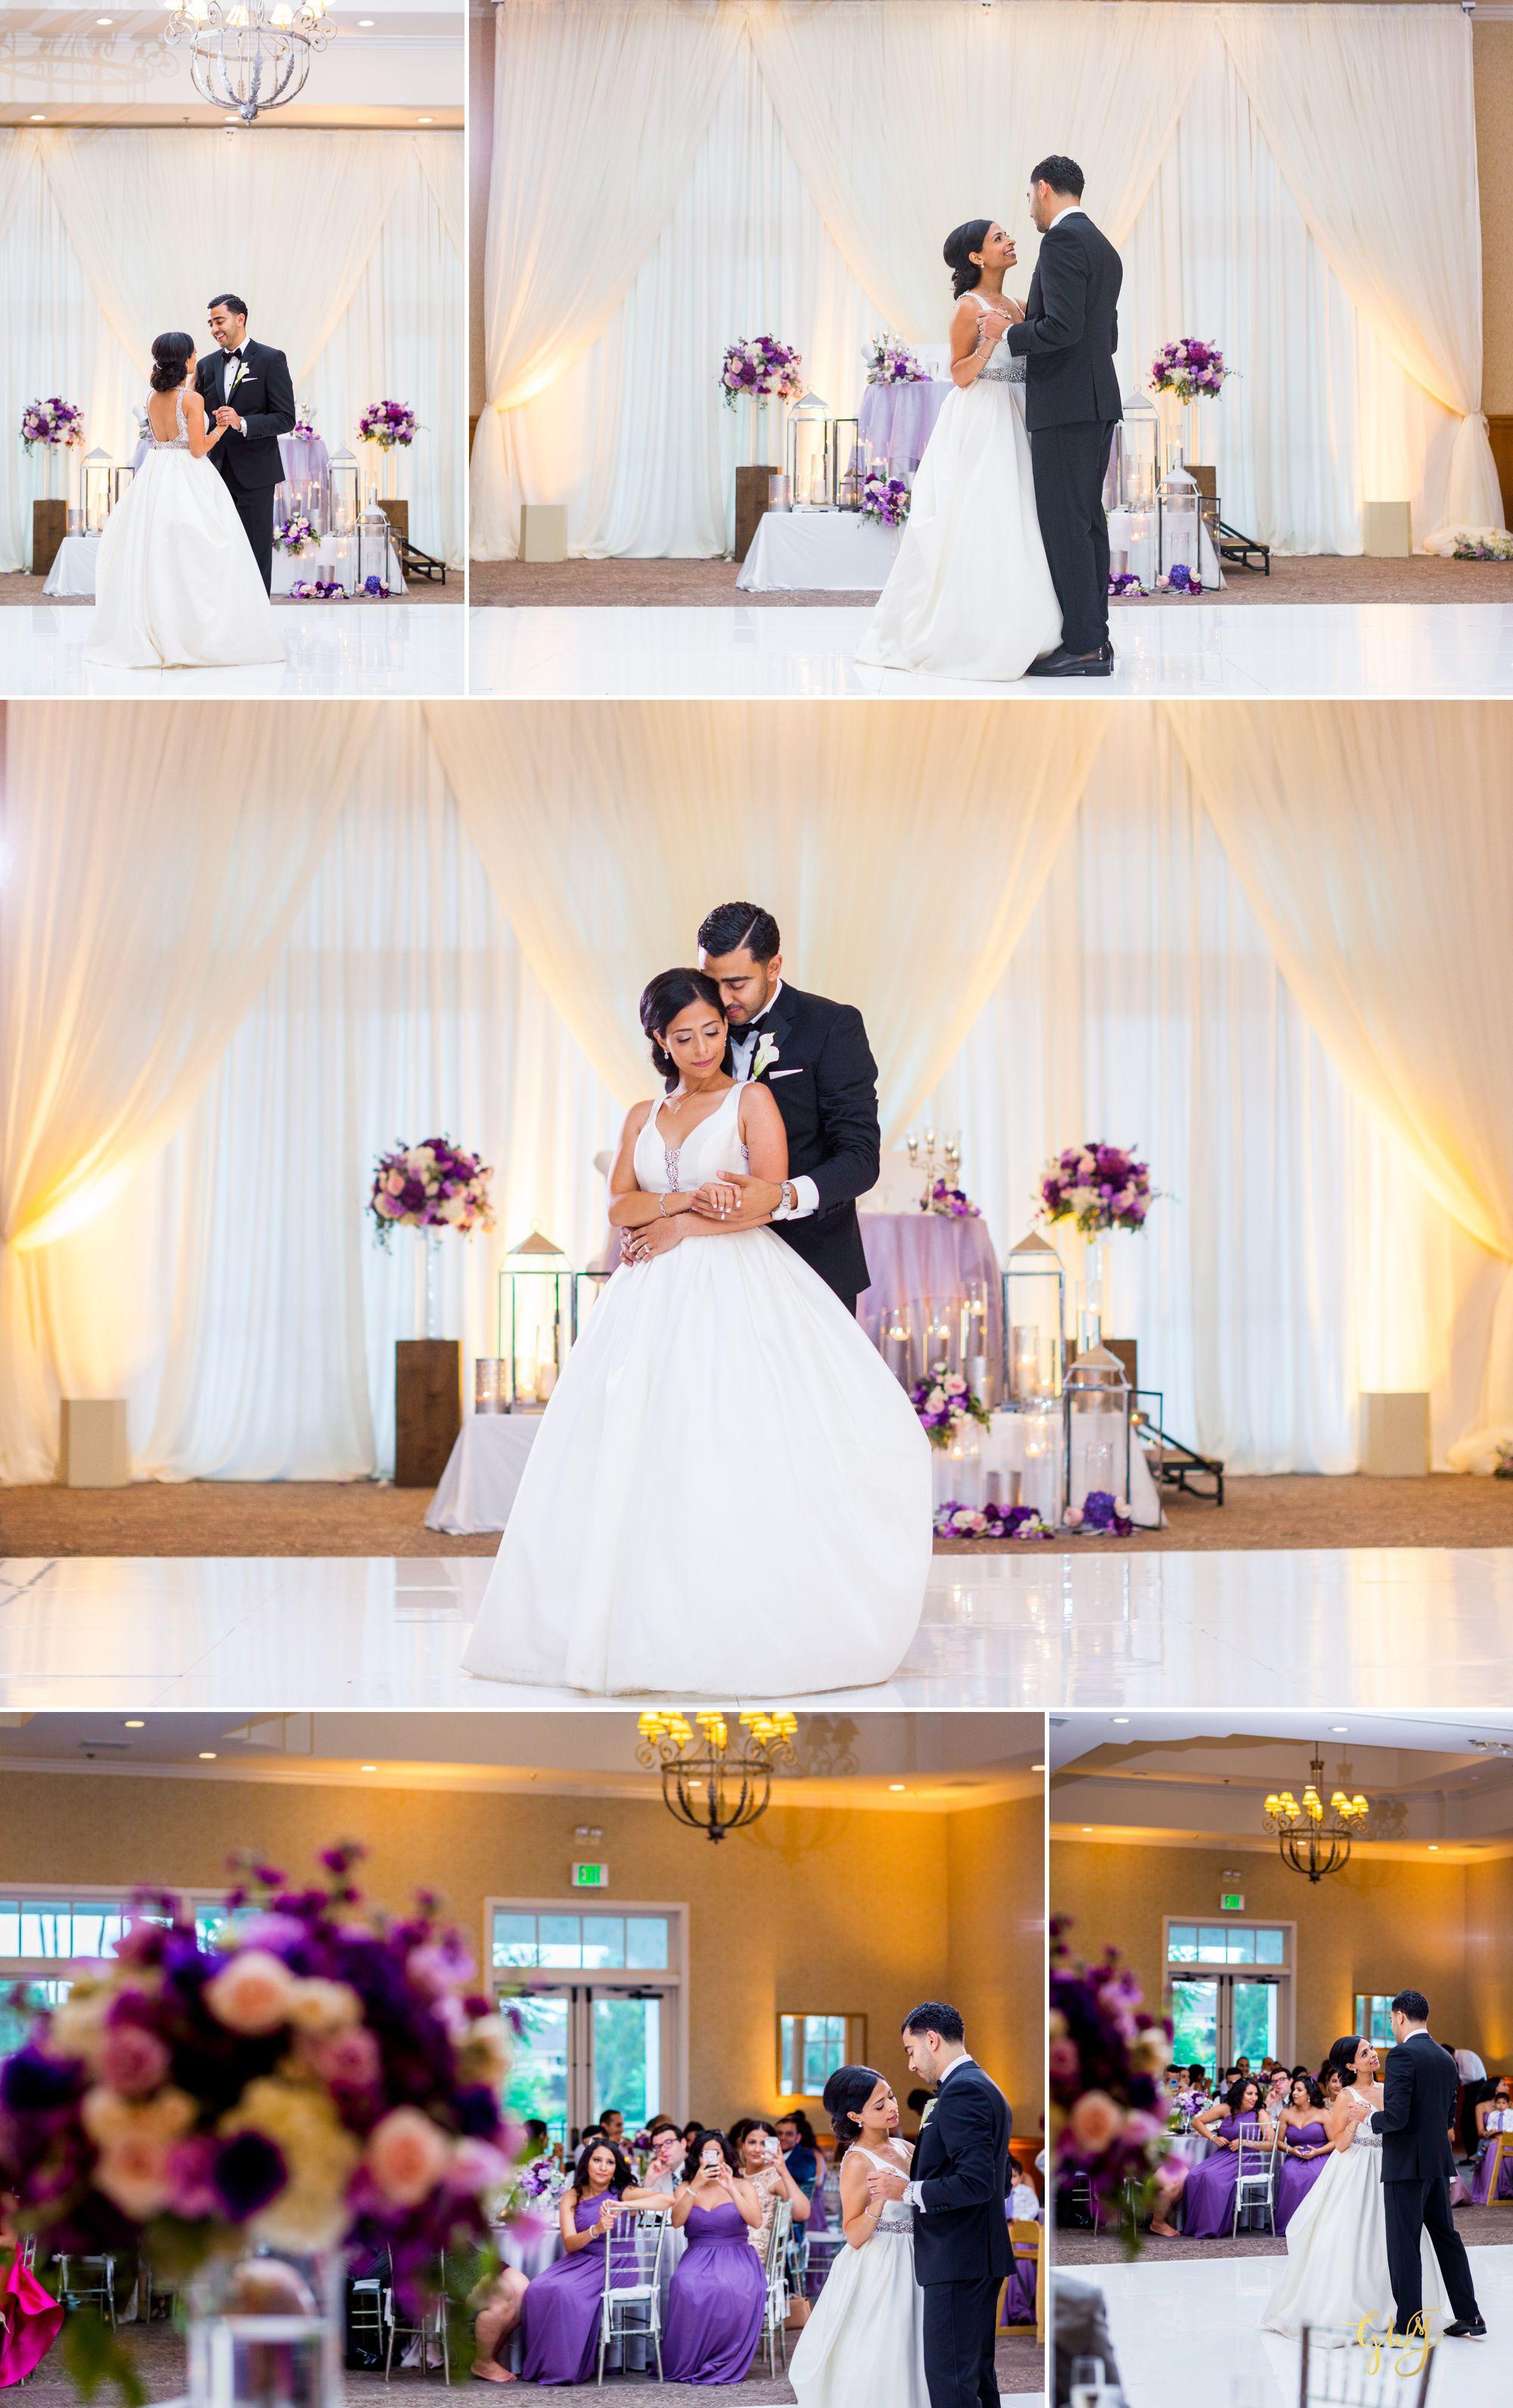 Joy + Mena Wedding Blog 27.jpg